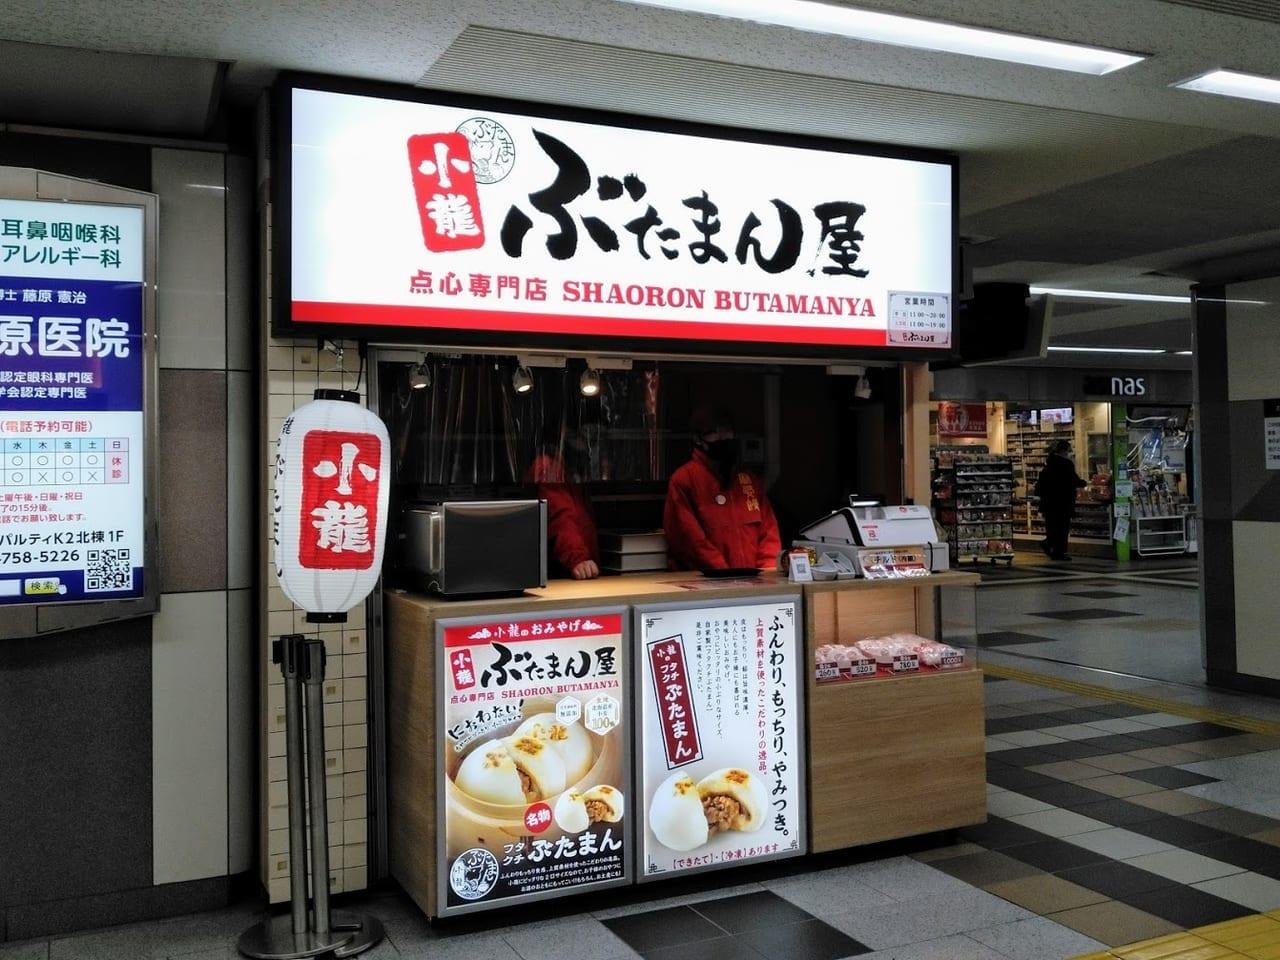 ぶたまん屋「小龍」阪急川西能勢口駅店